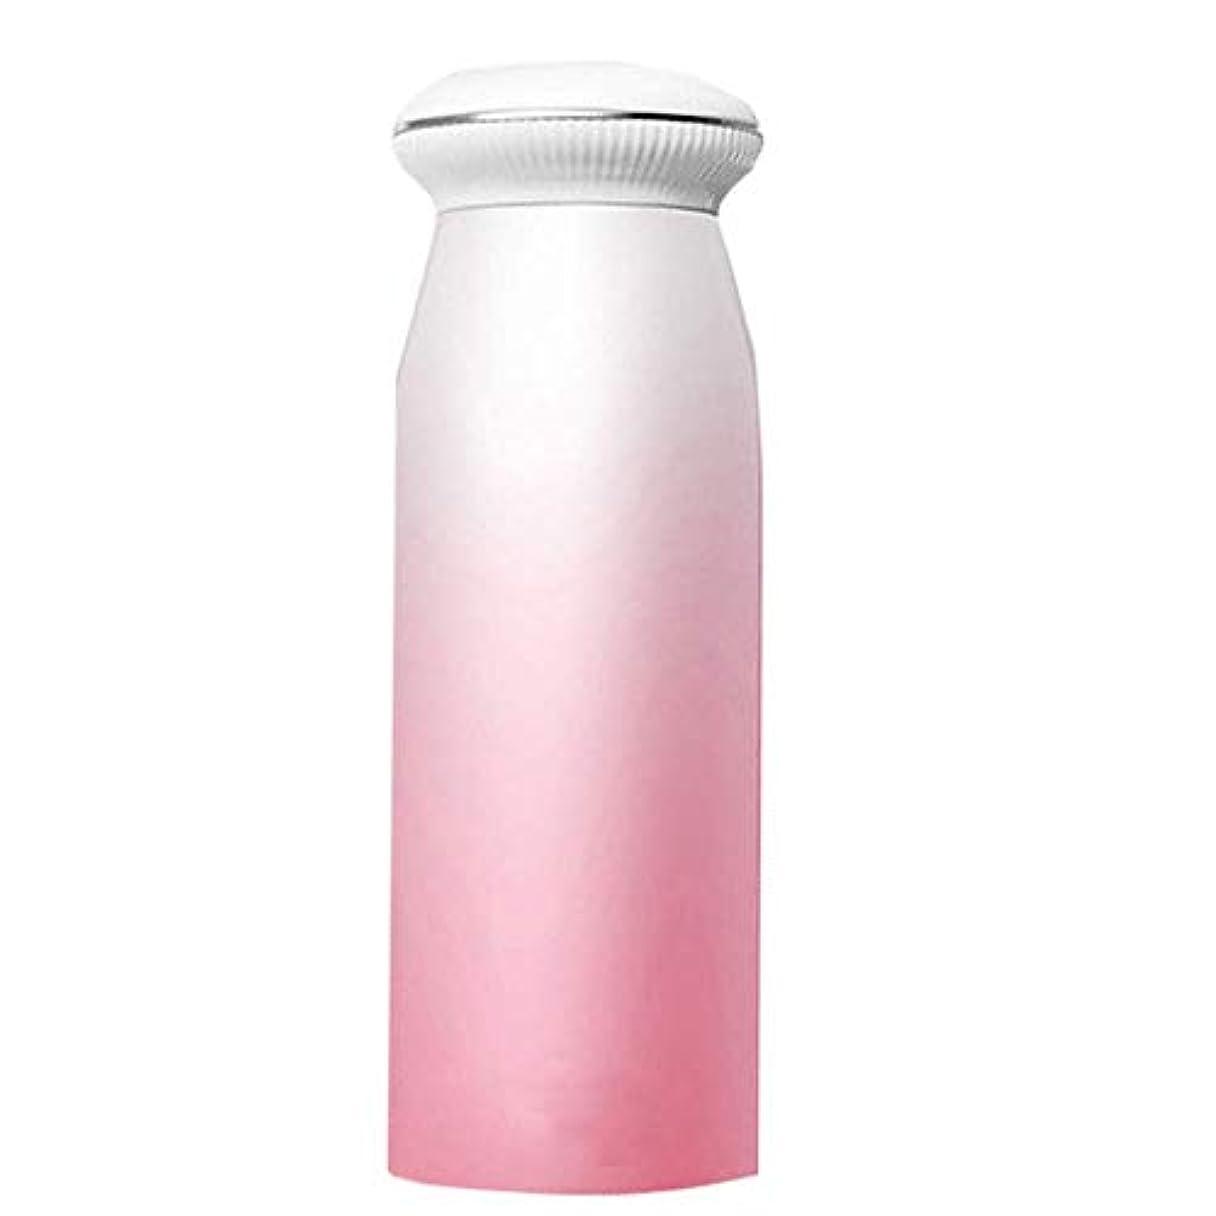 申し立てコンチネンタルブレイズ魔法瓶 ポータブルウォーターボトル学生漫画子供男性と女性のかわいいミニ新鮮な文学のティーカップ 飛散防止 (色 : ピンク)